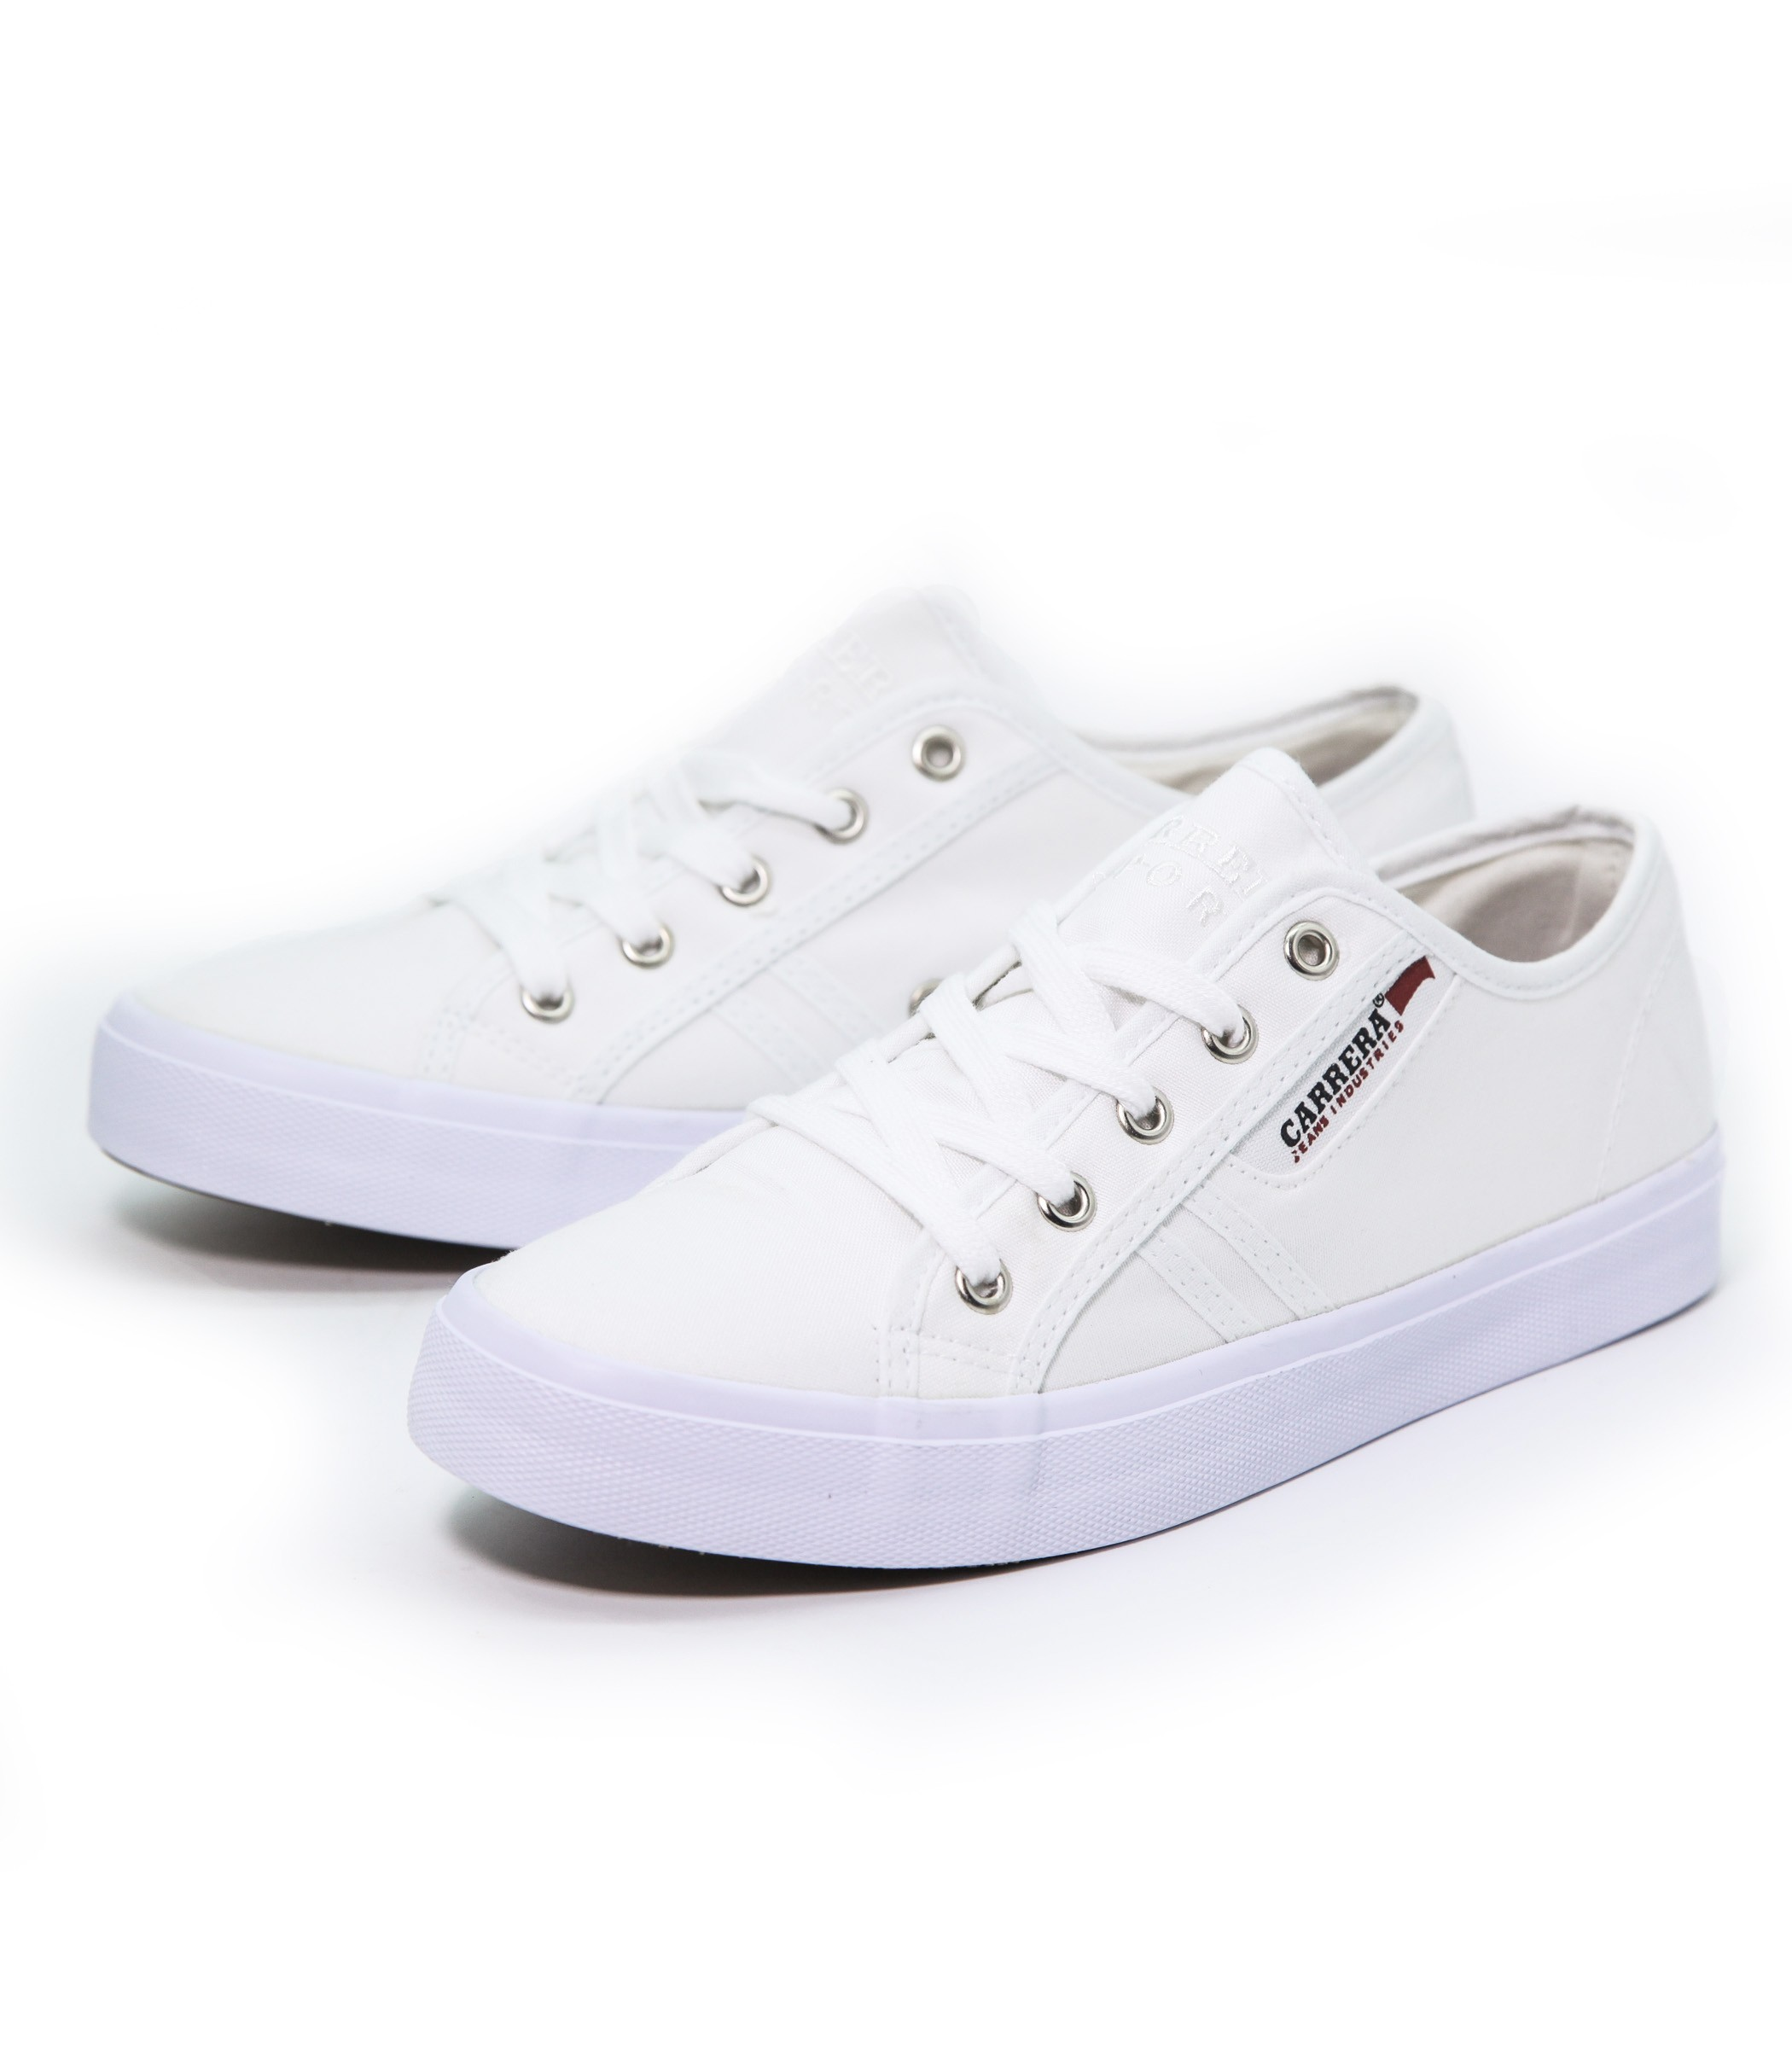 Scarpe Donna Da Ginnastica Carrera Basse Bianca Sneakers In Tela qxwRqPIY